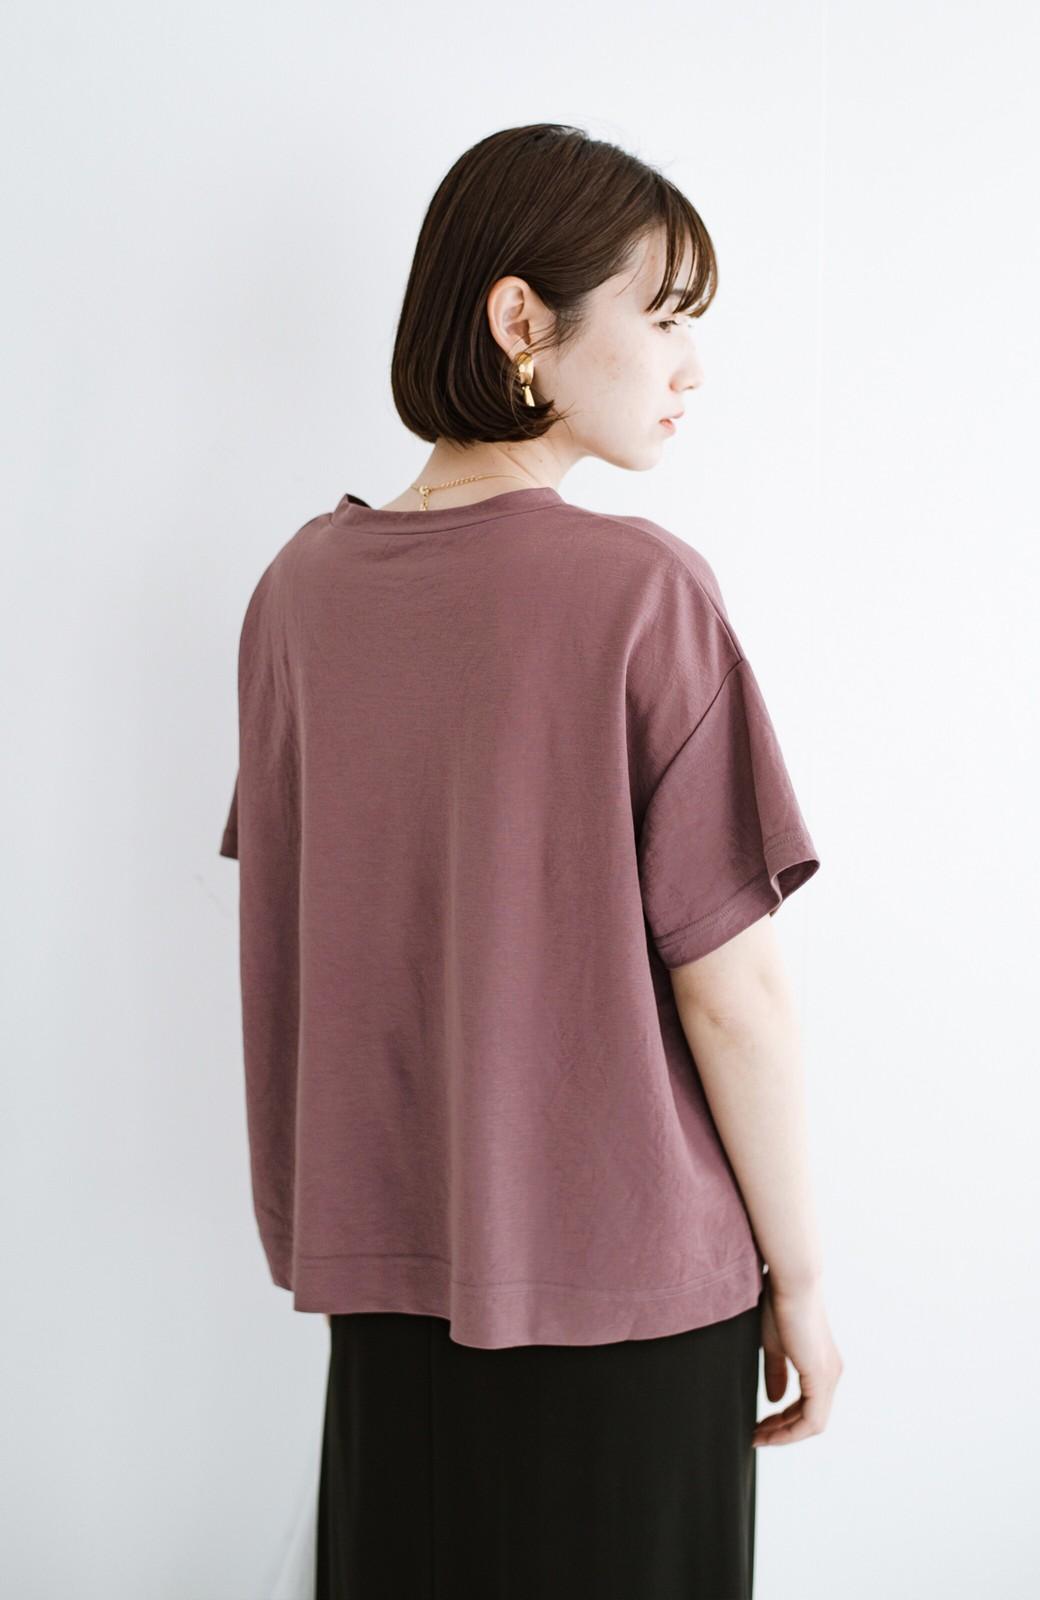 haco! カジュアル&きれいめバランスがちょうどいい!さらりと心地いい大人Tシャツ <スモークピンク>の商品写真9